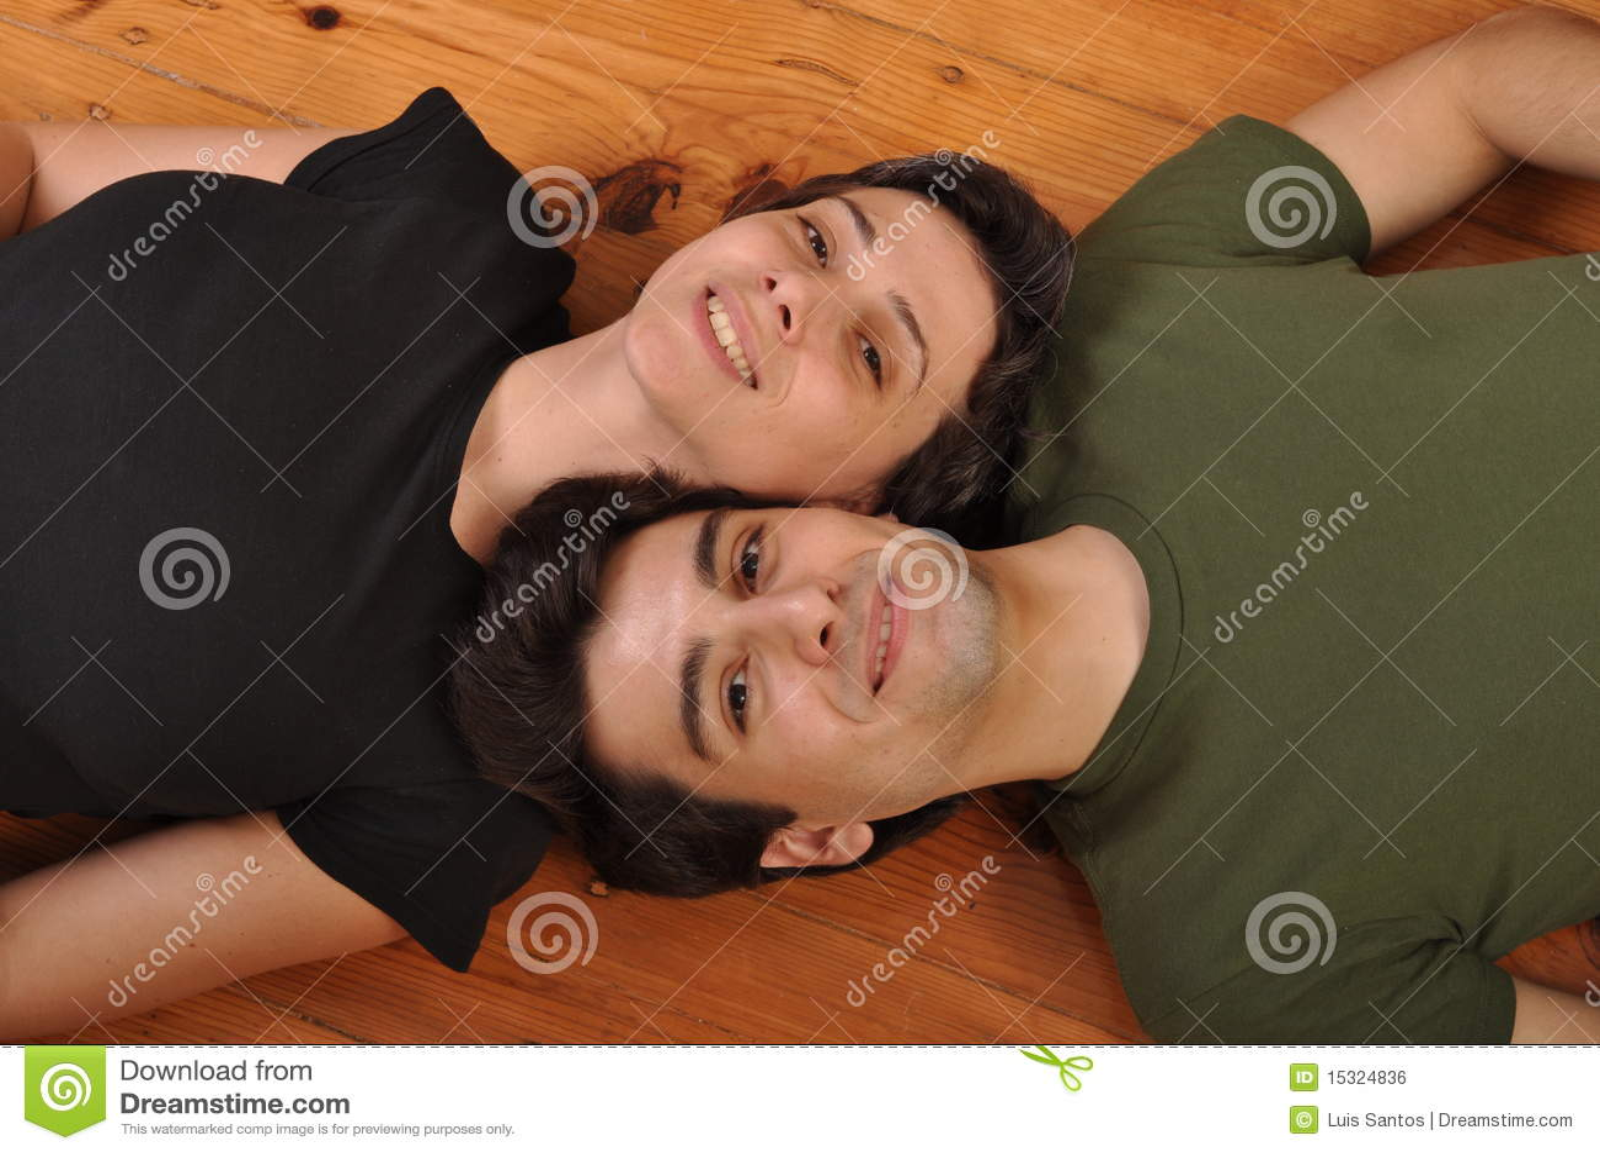 Русское порно брат с сестрой в доме 12 фотография